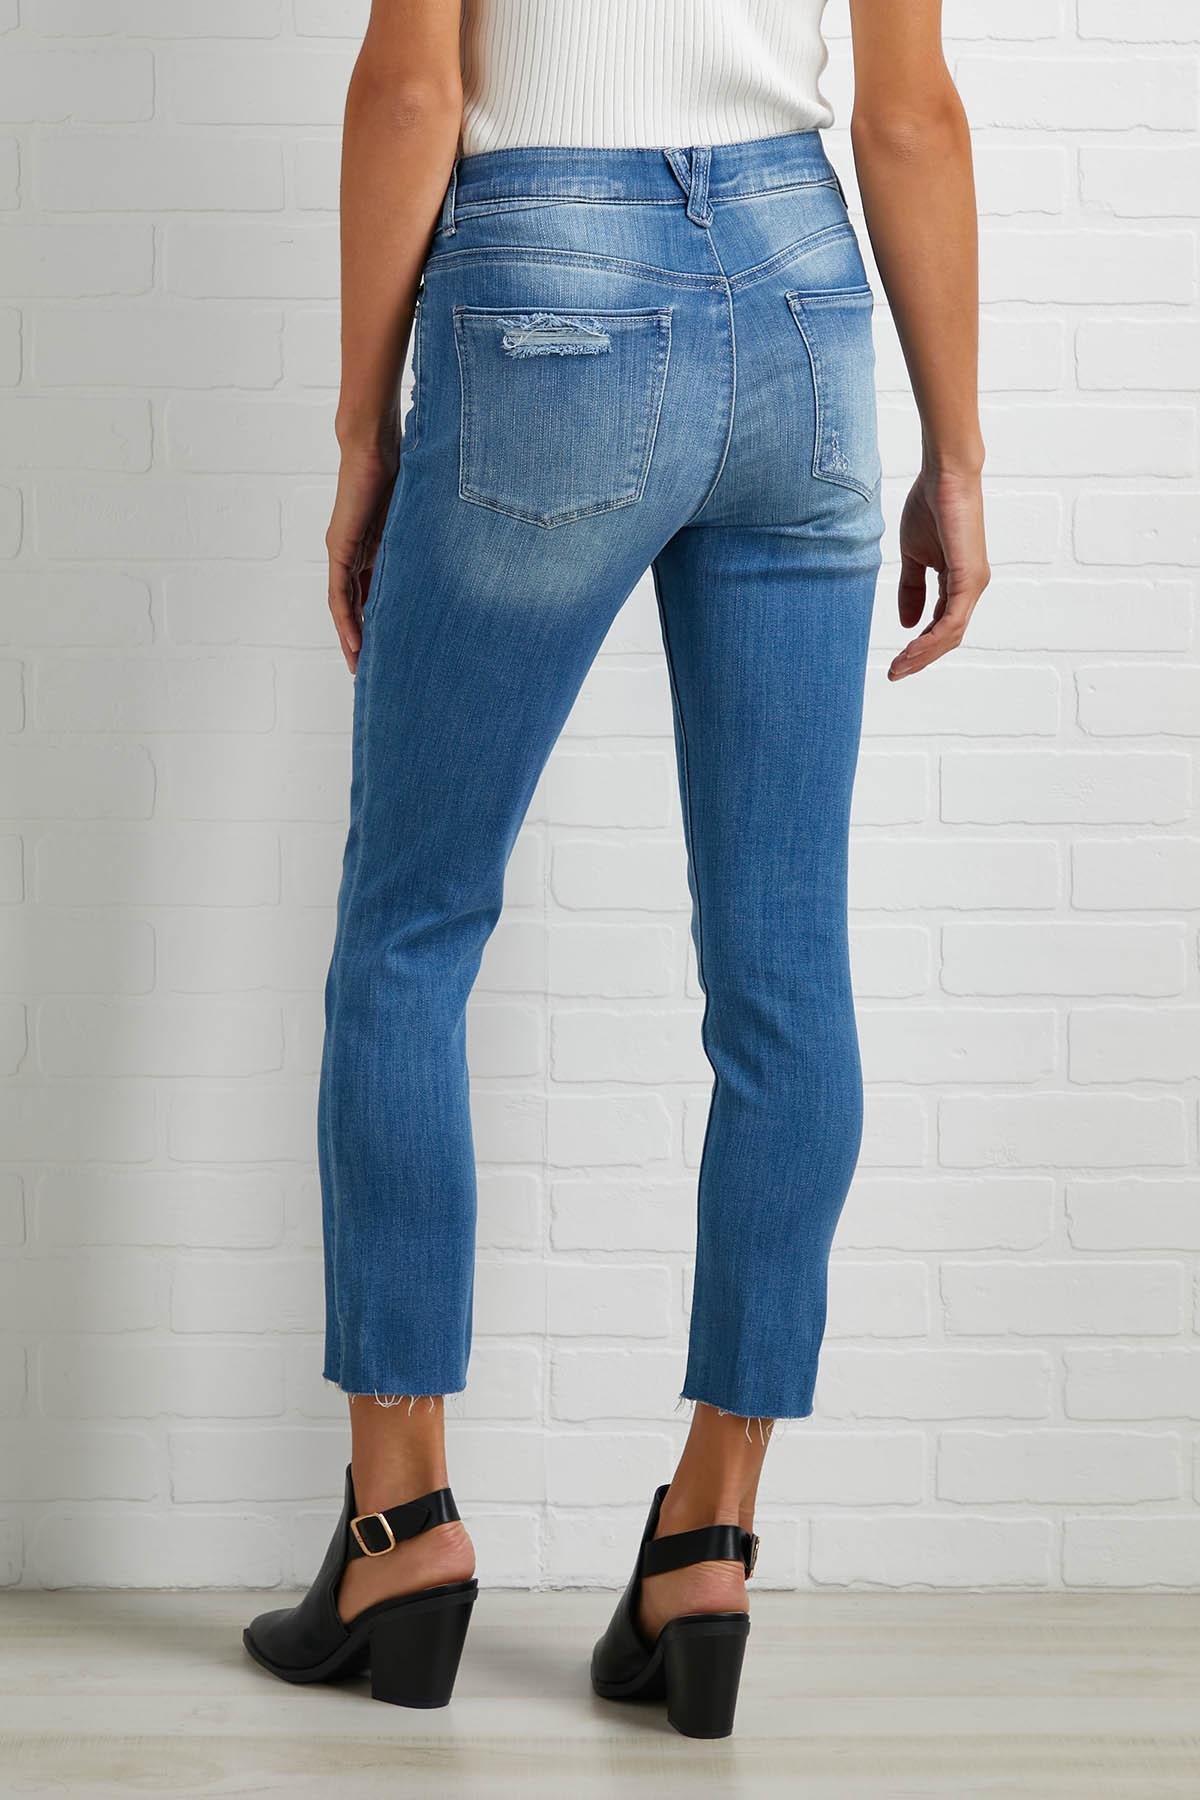 Autumn Best Jeans